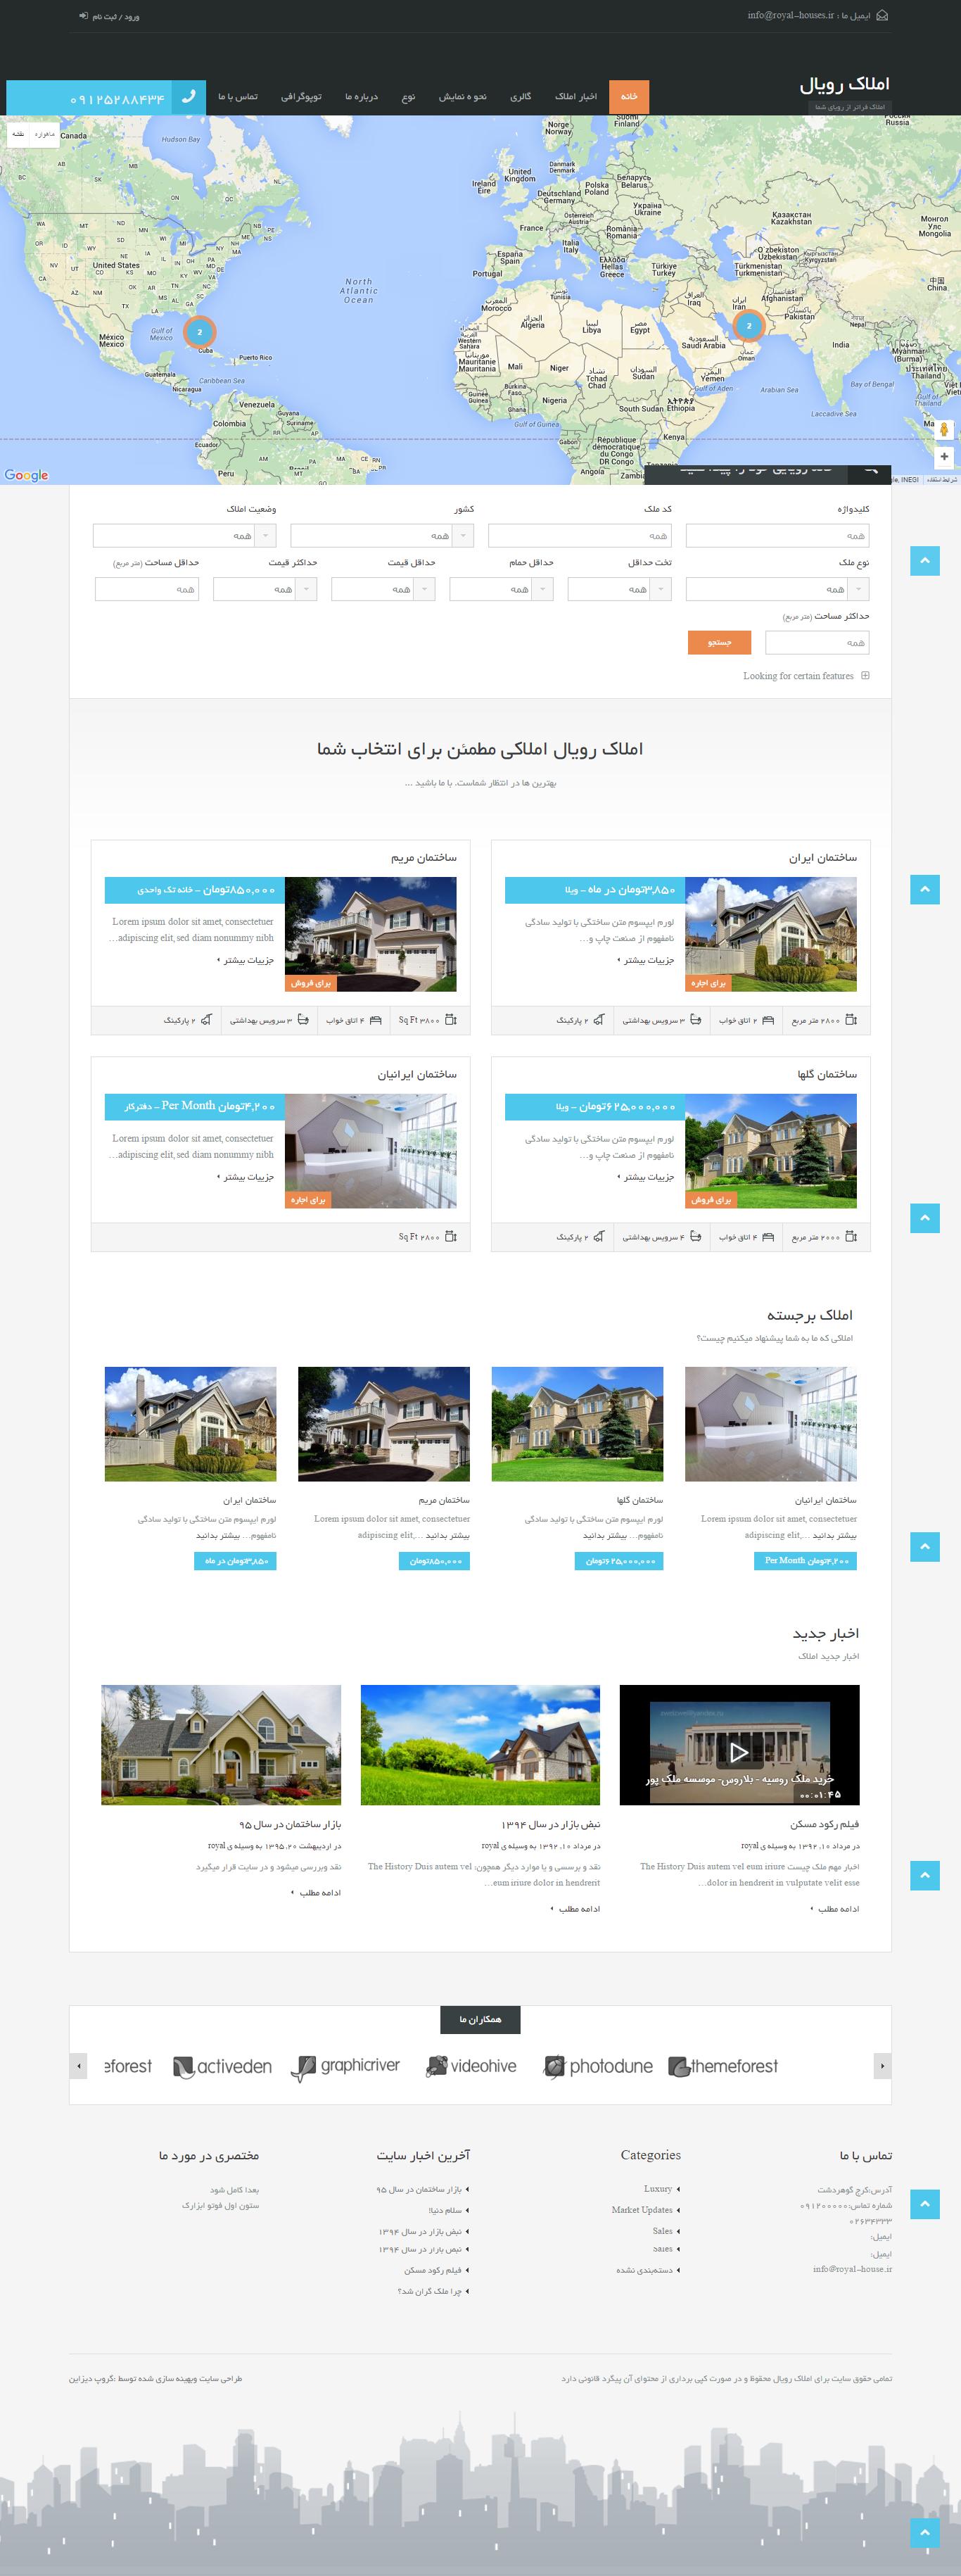 طراحی سایت املاک رویال